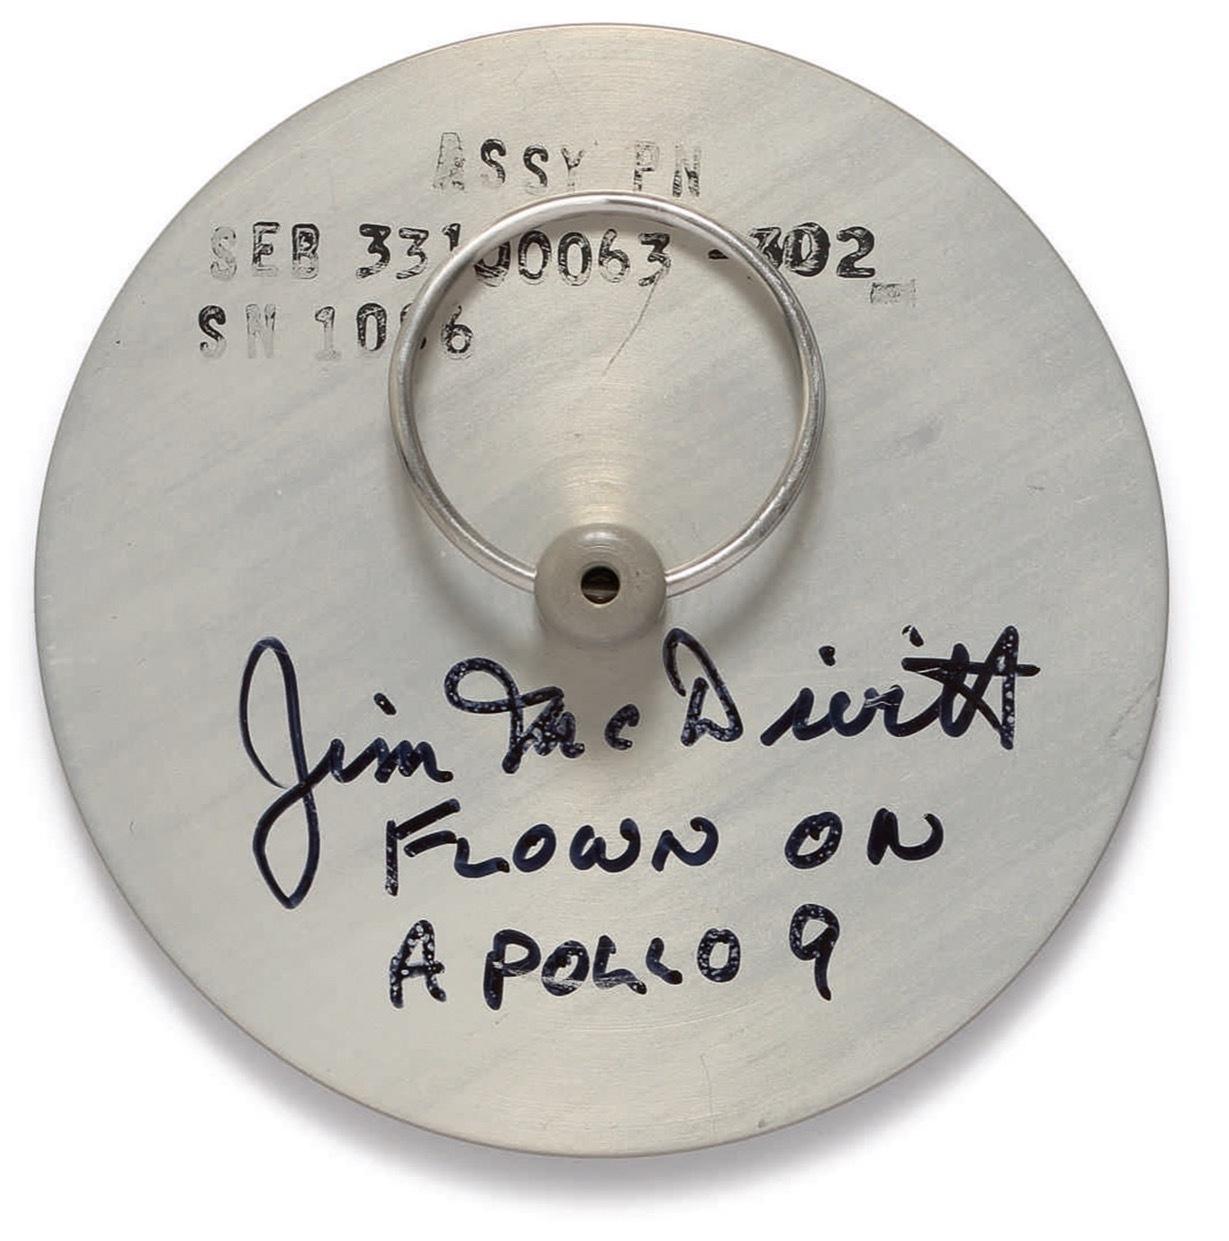 アポロ9号の高度計カバー